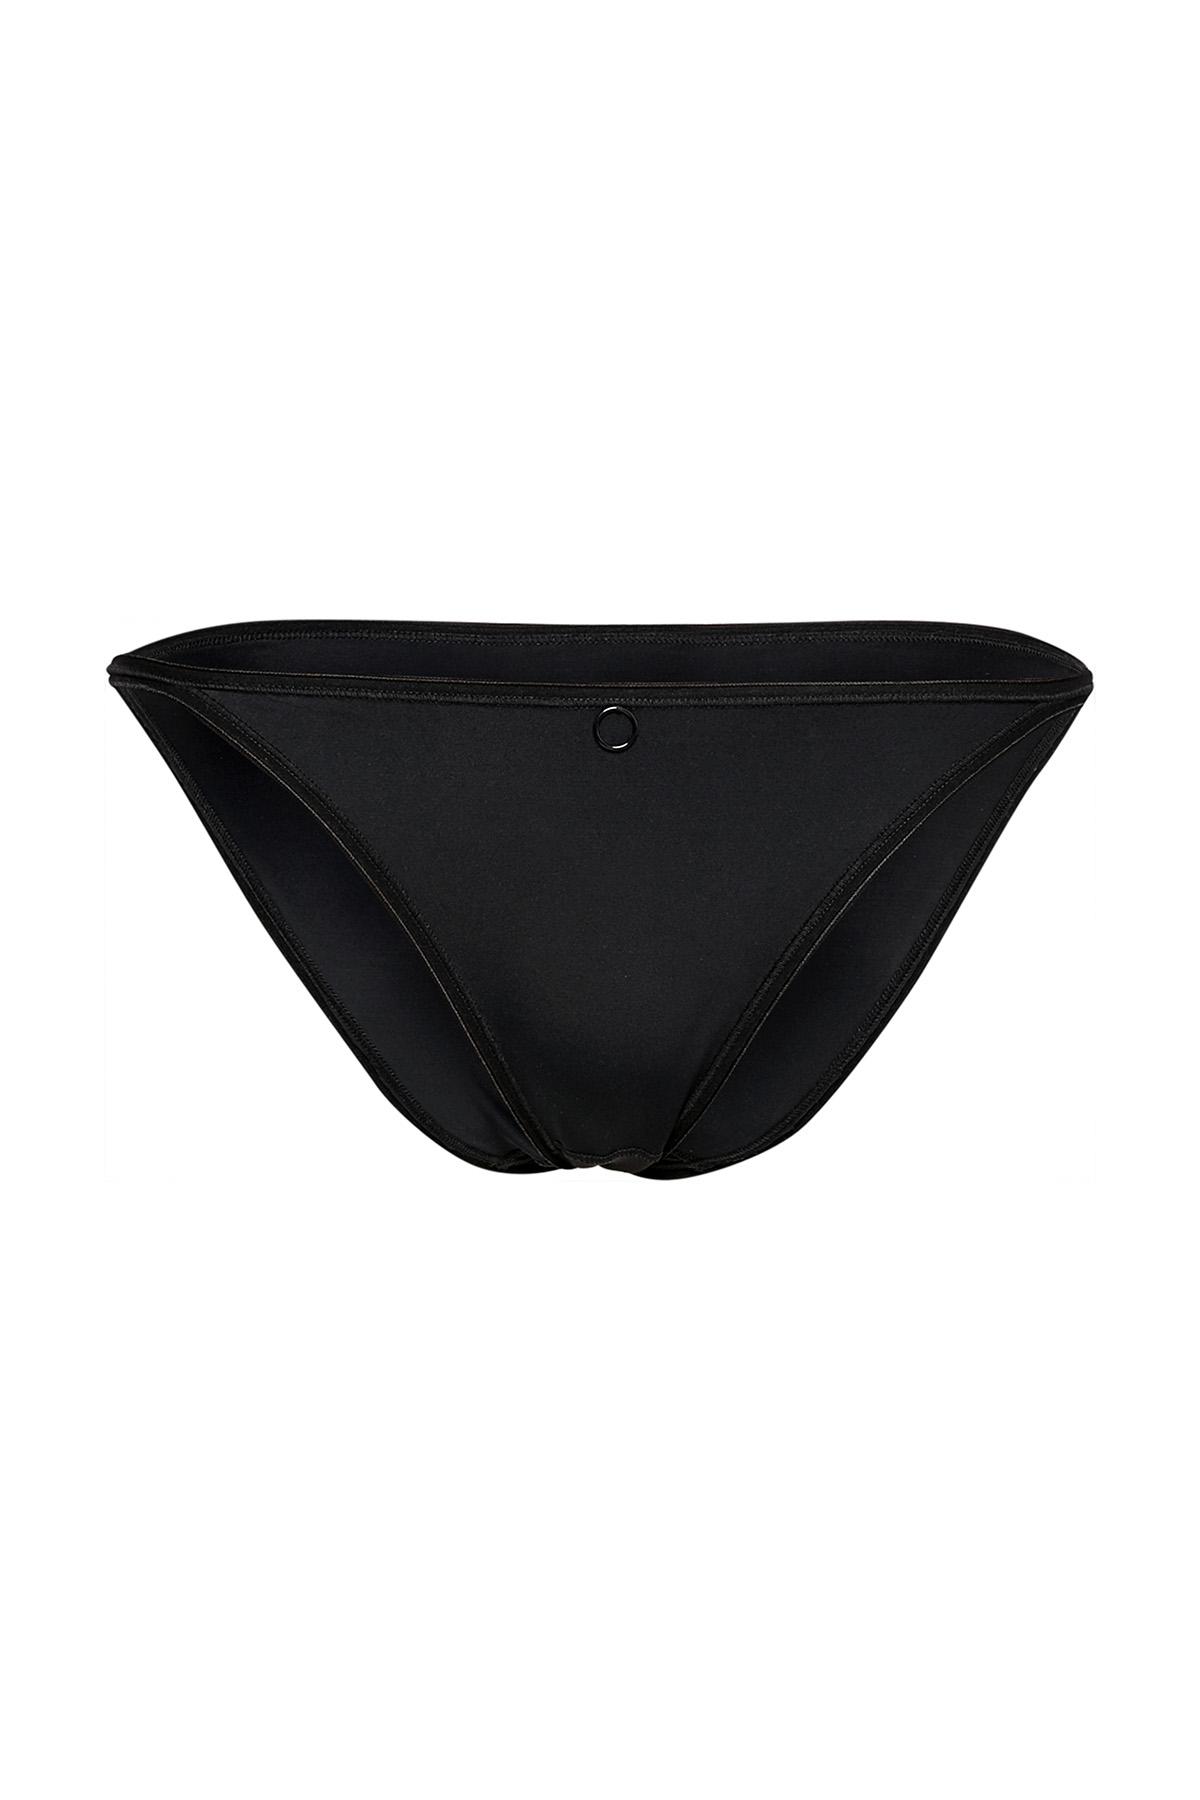 Schwarz Shorts von Bon'A Parte – Shoppen Sie Schwarz Shorts ab Gr. 36-48 hier